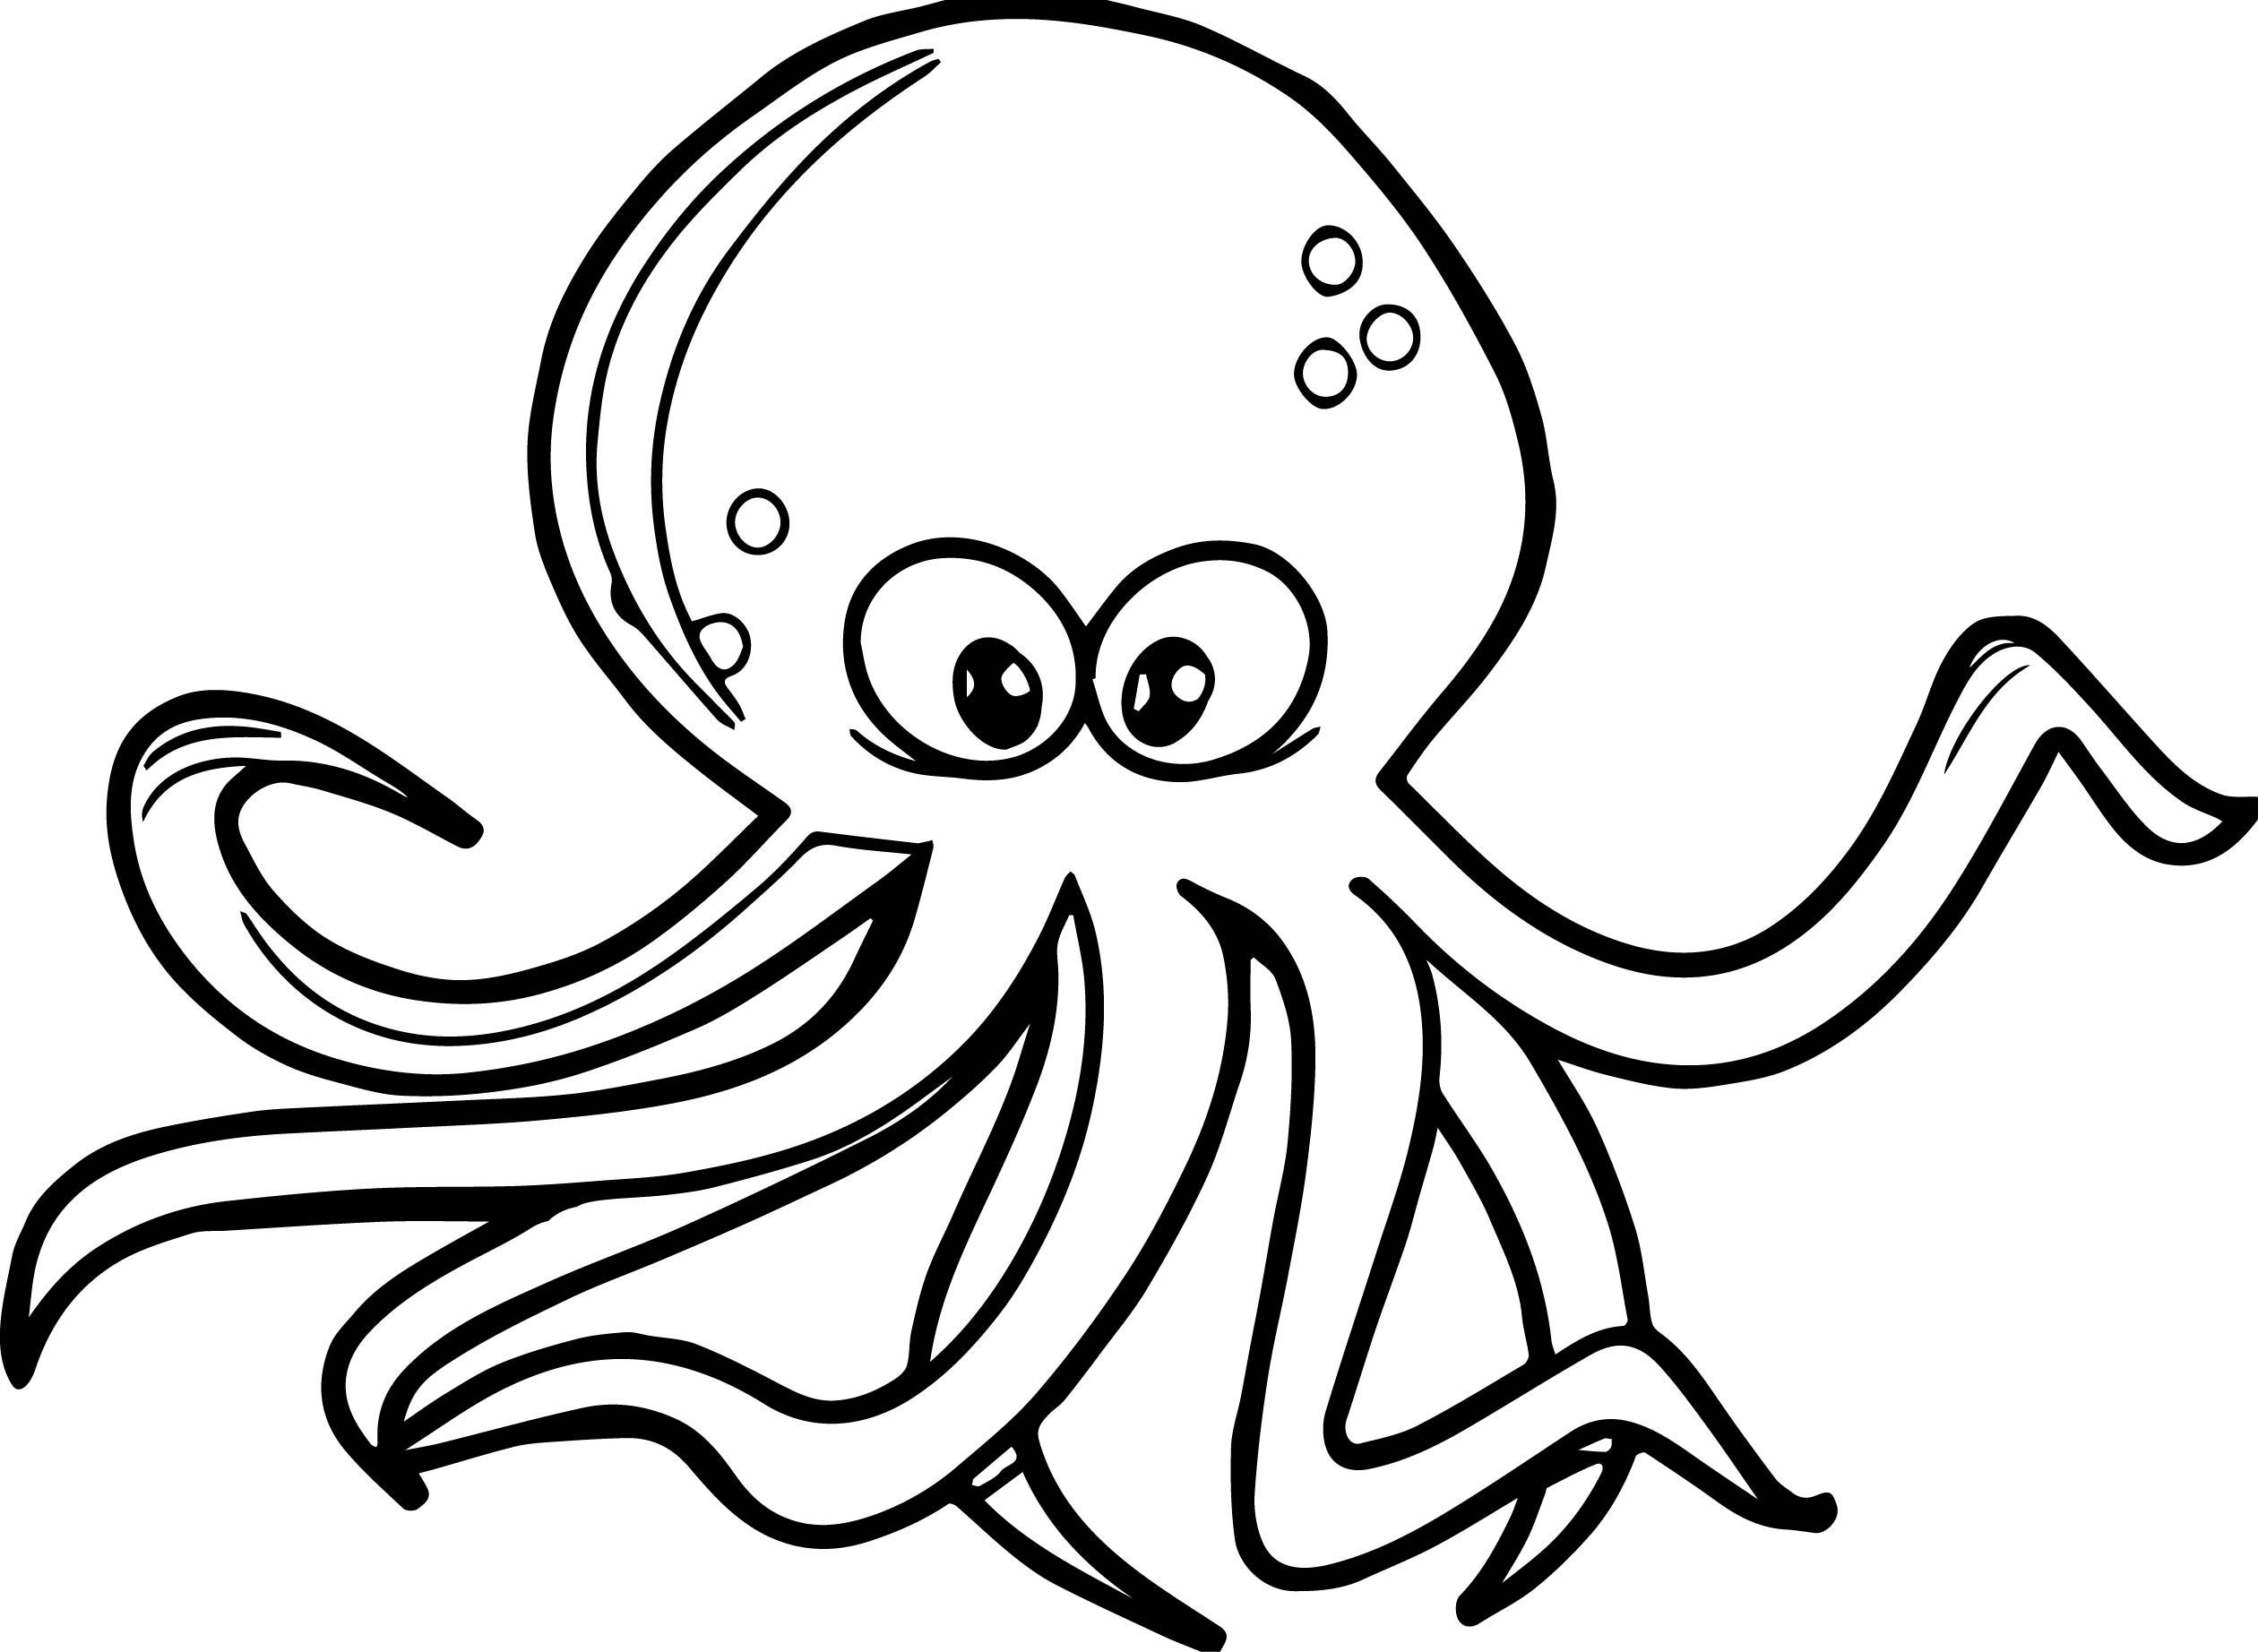 Octopus Color Page - Democraciaejustica